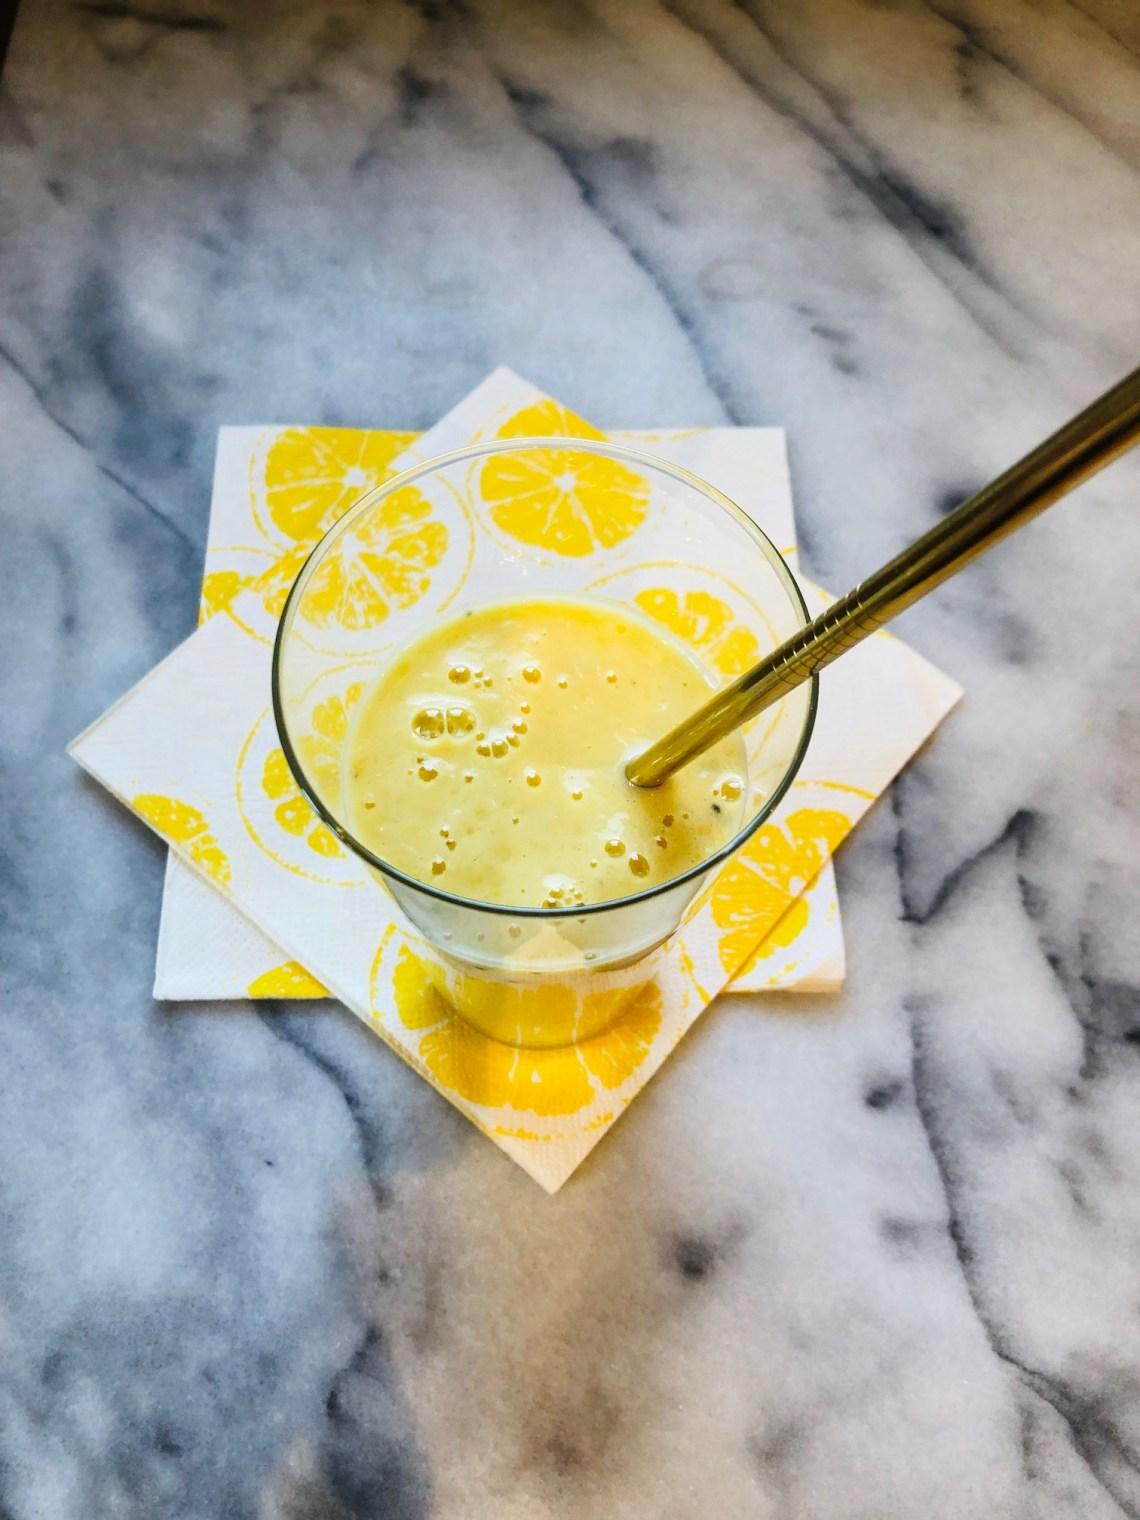 #smoothie #recettesfamille #mangue #banane #smoothiemangue #smoothietropique #recettebrunch #recettesansnoix #recettesansarachide